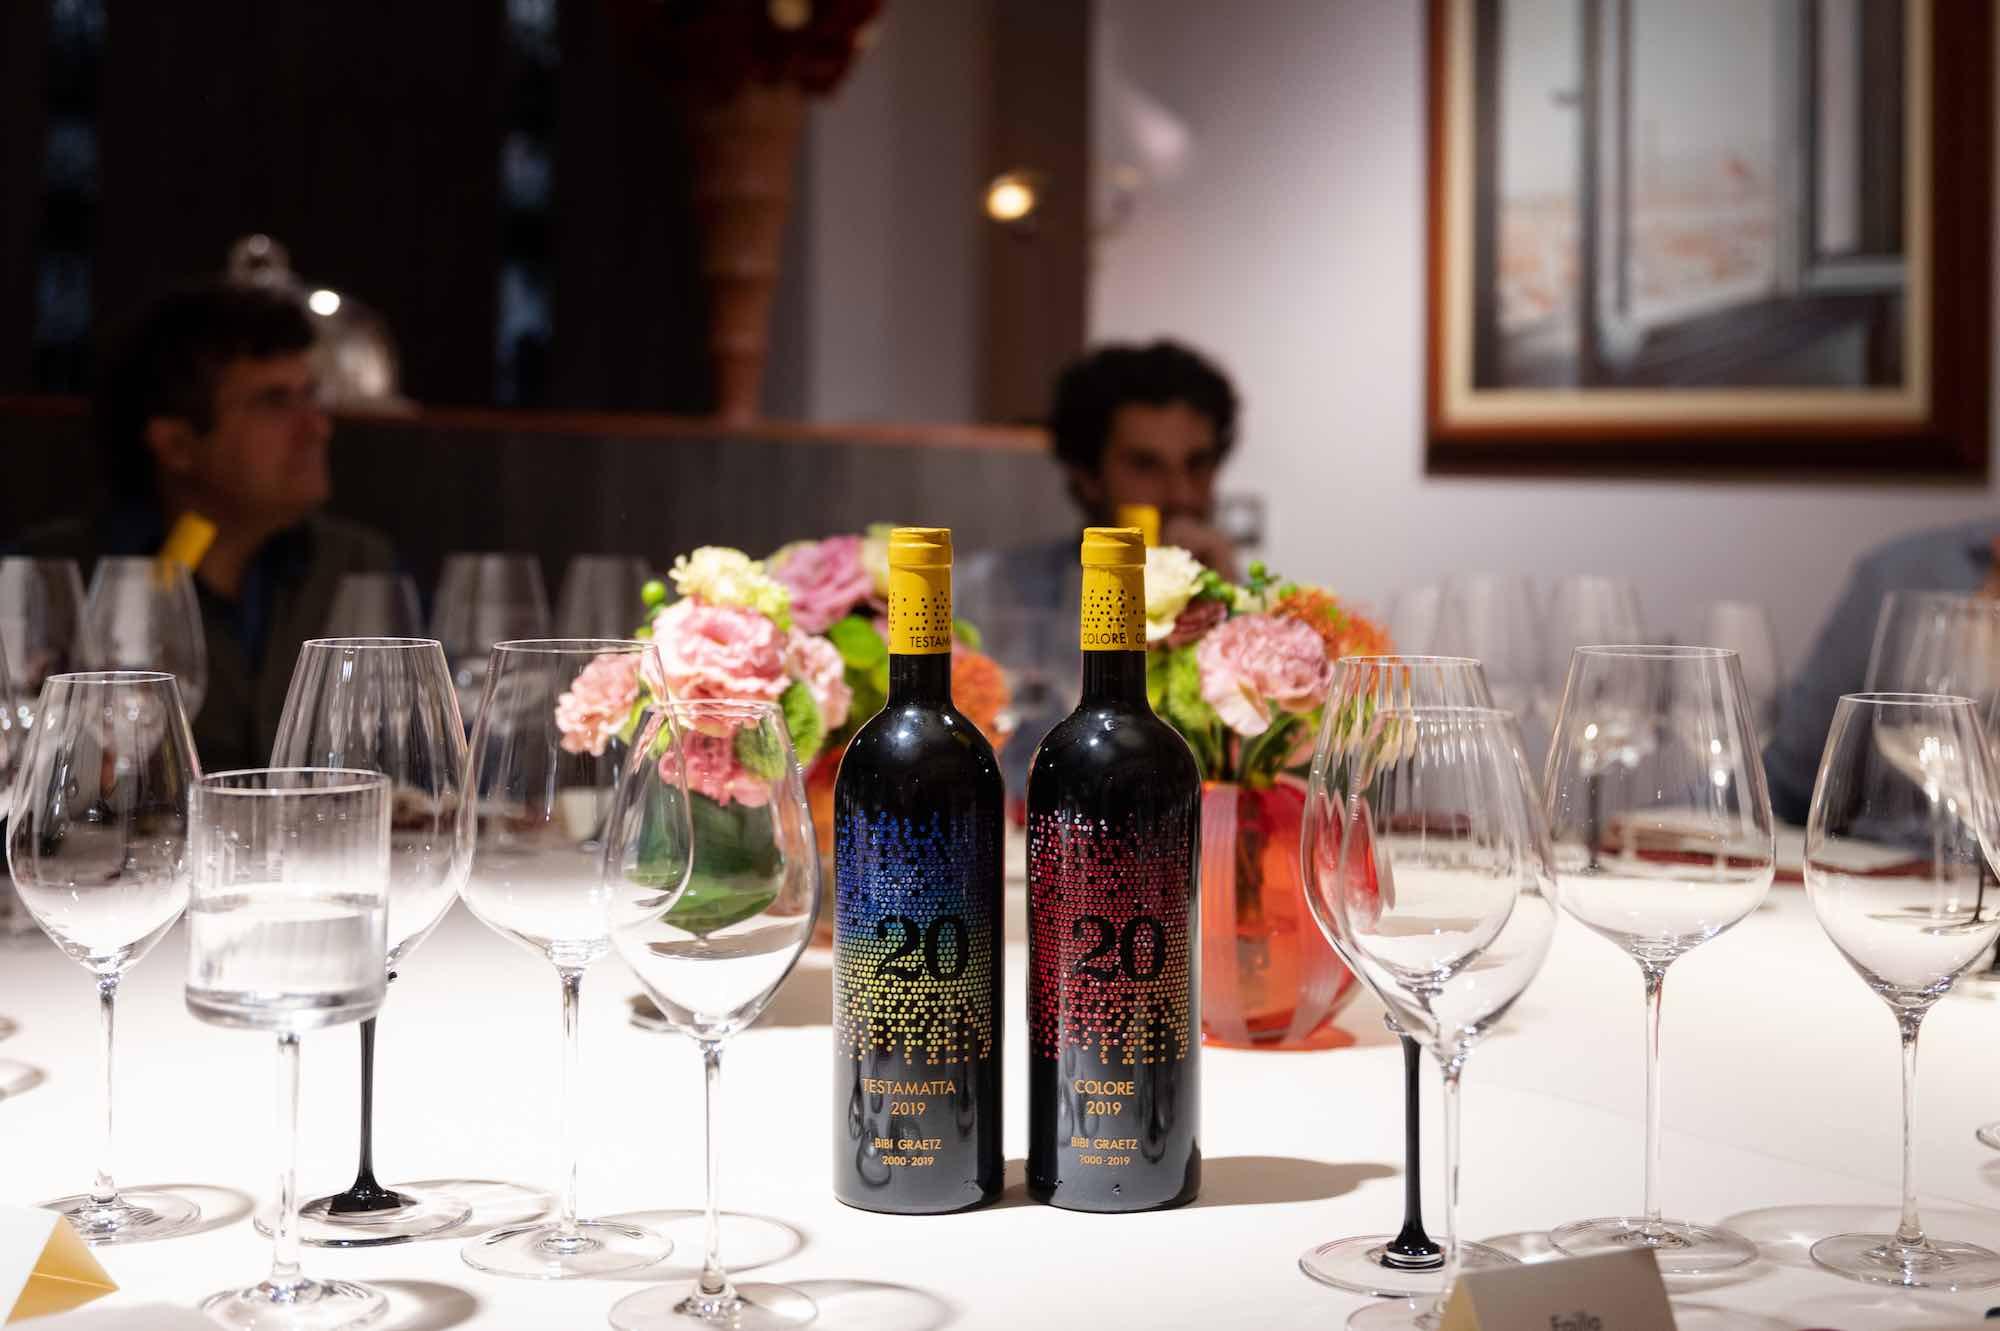 Bottiglie di Testamatta e Colore di Bibi Graetz per l'evento del 2021 all'Enoteca Pinchiorri